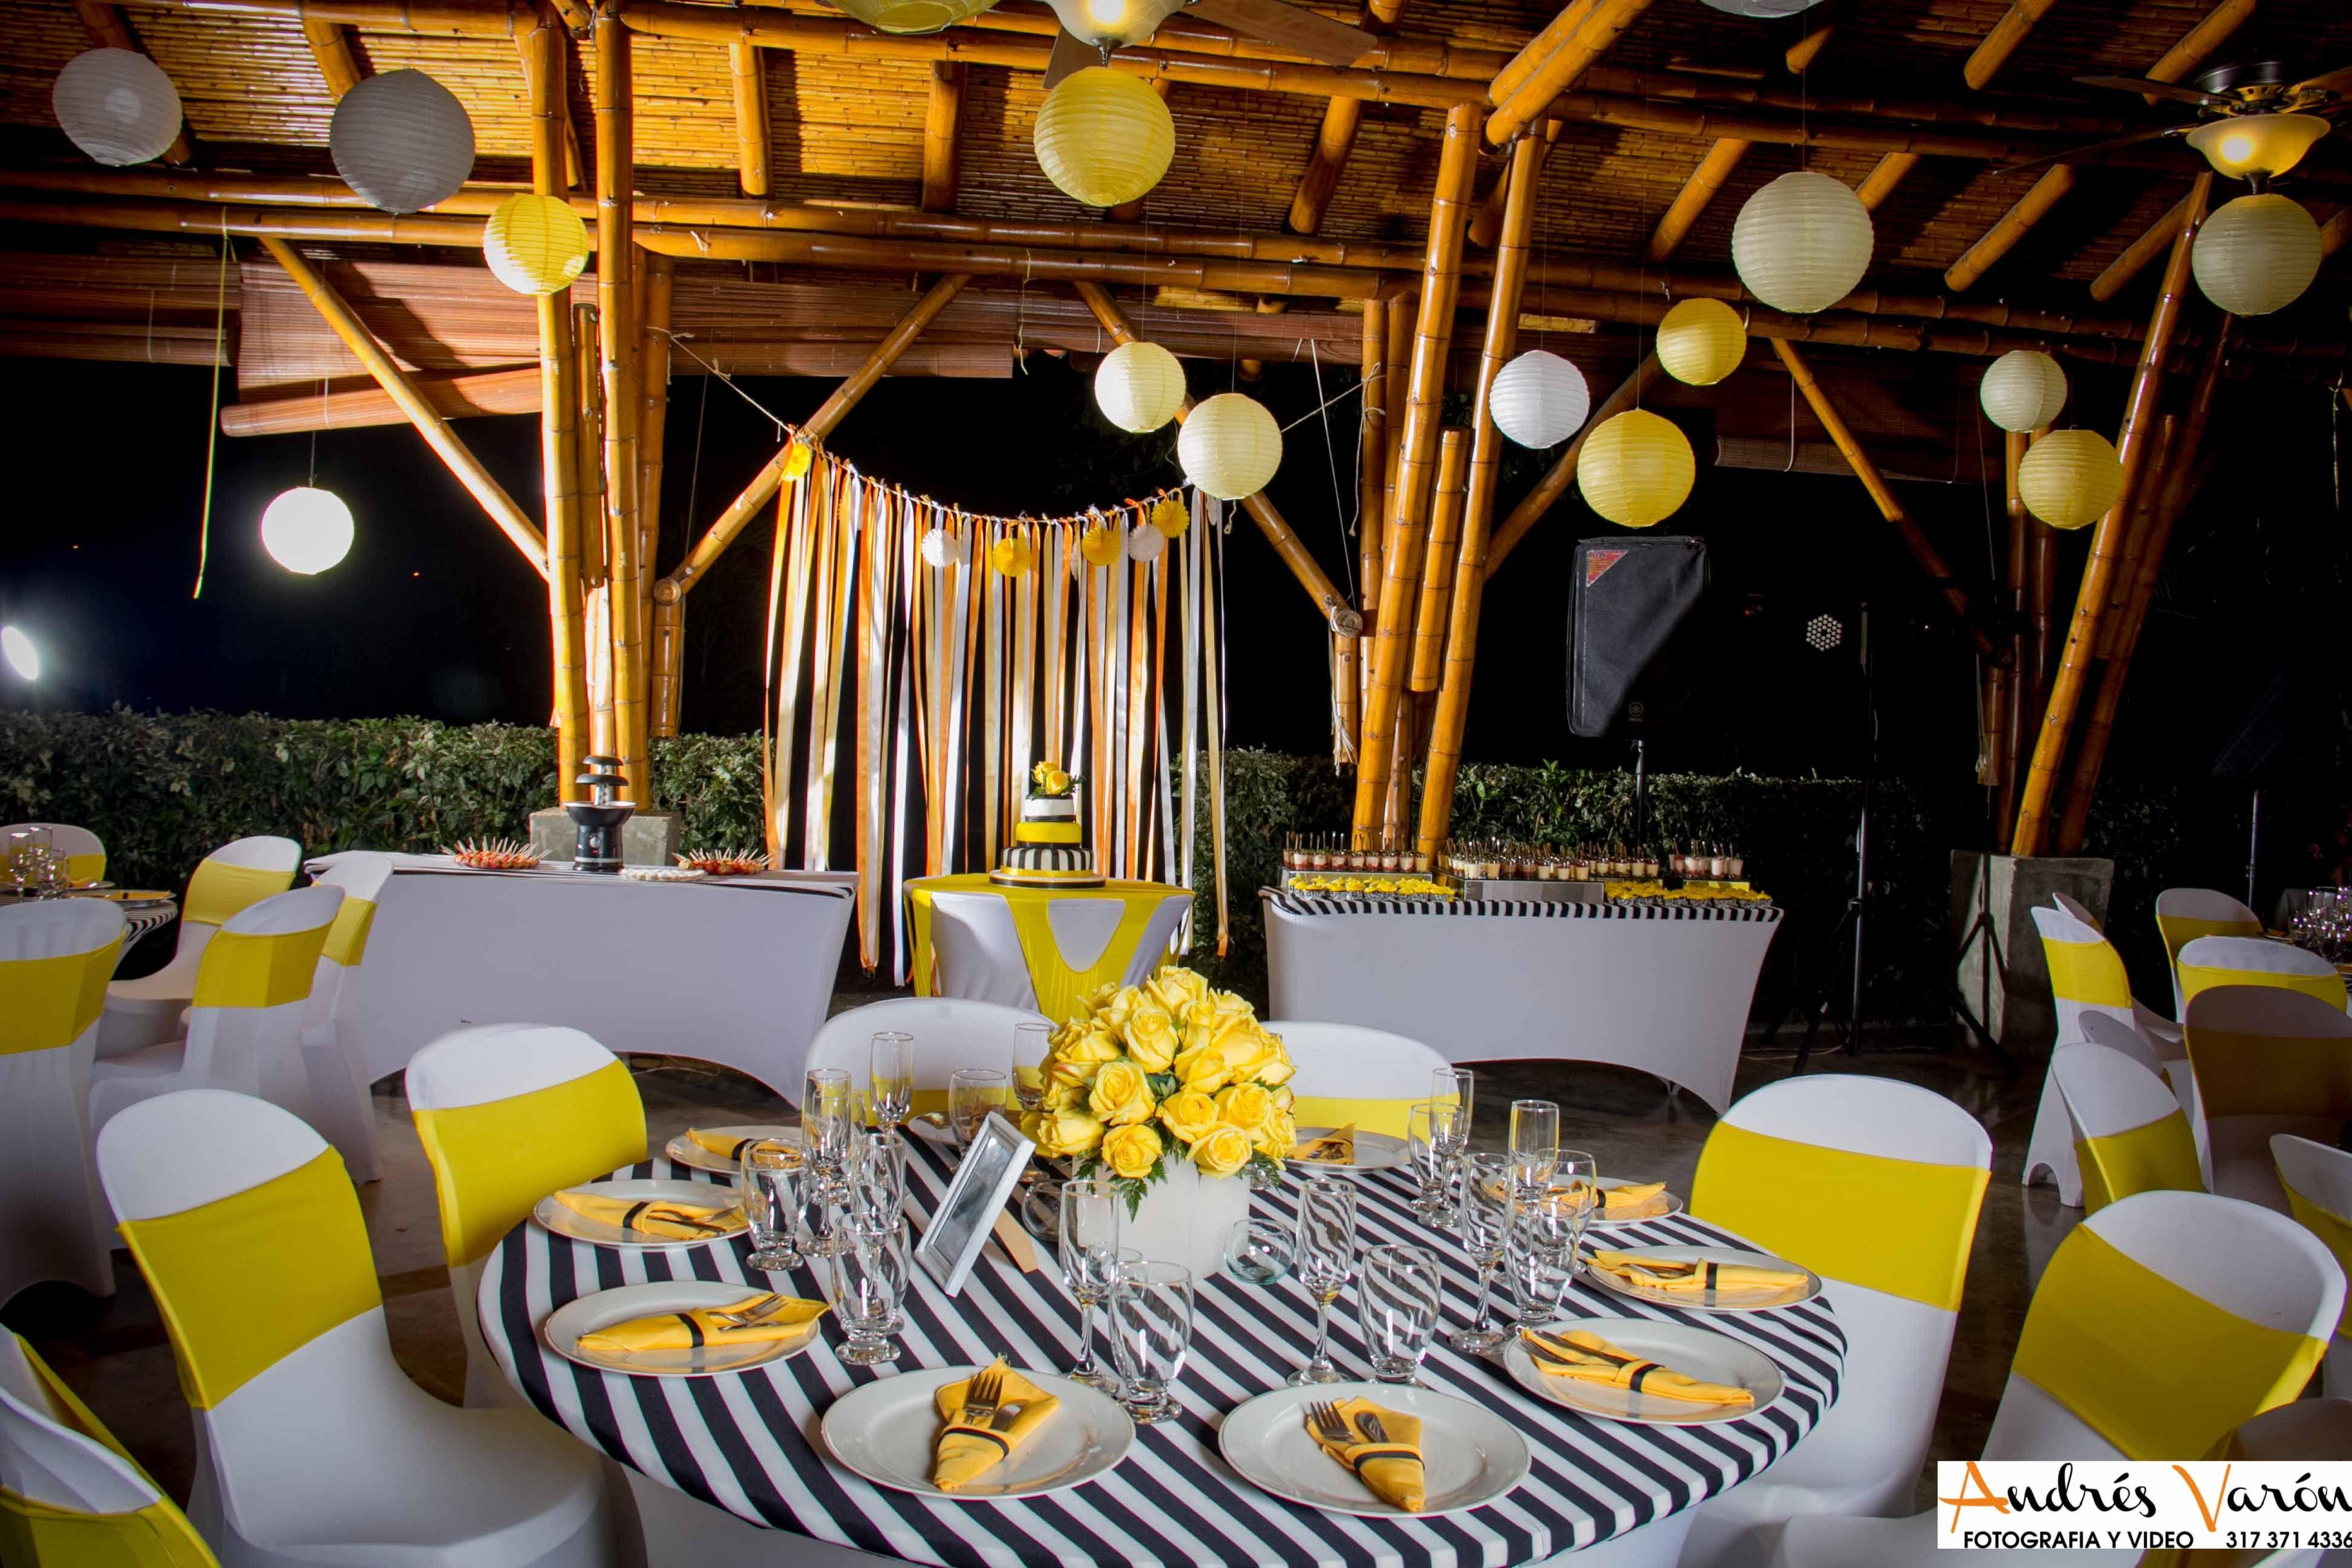 Amarillo lineas blanco y negro decoraci n de grado - Decoracion blanco y negro ...